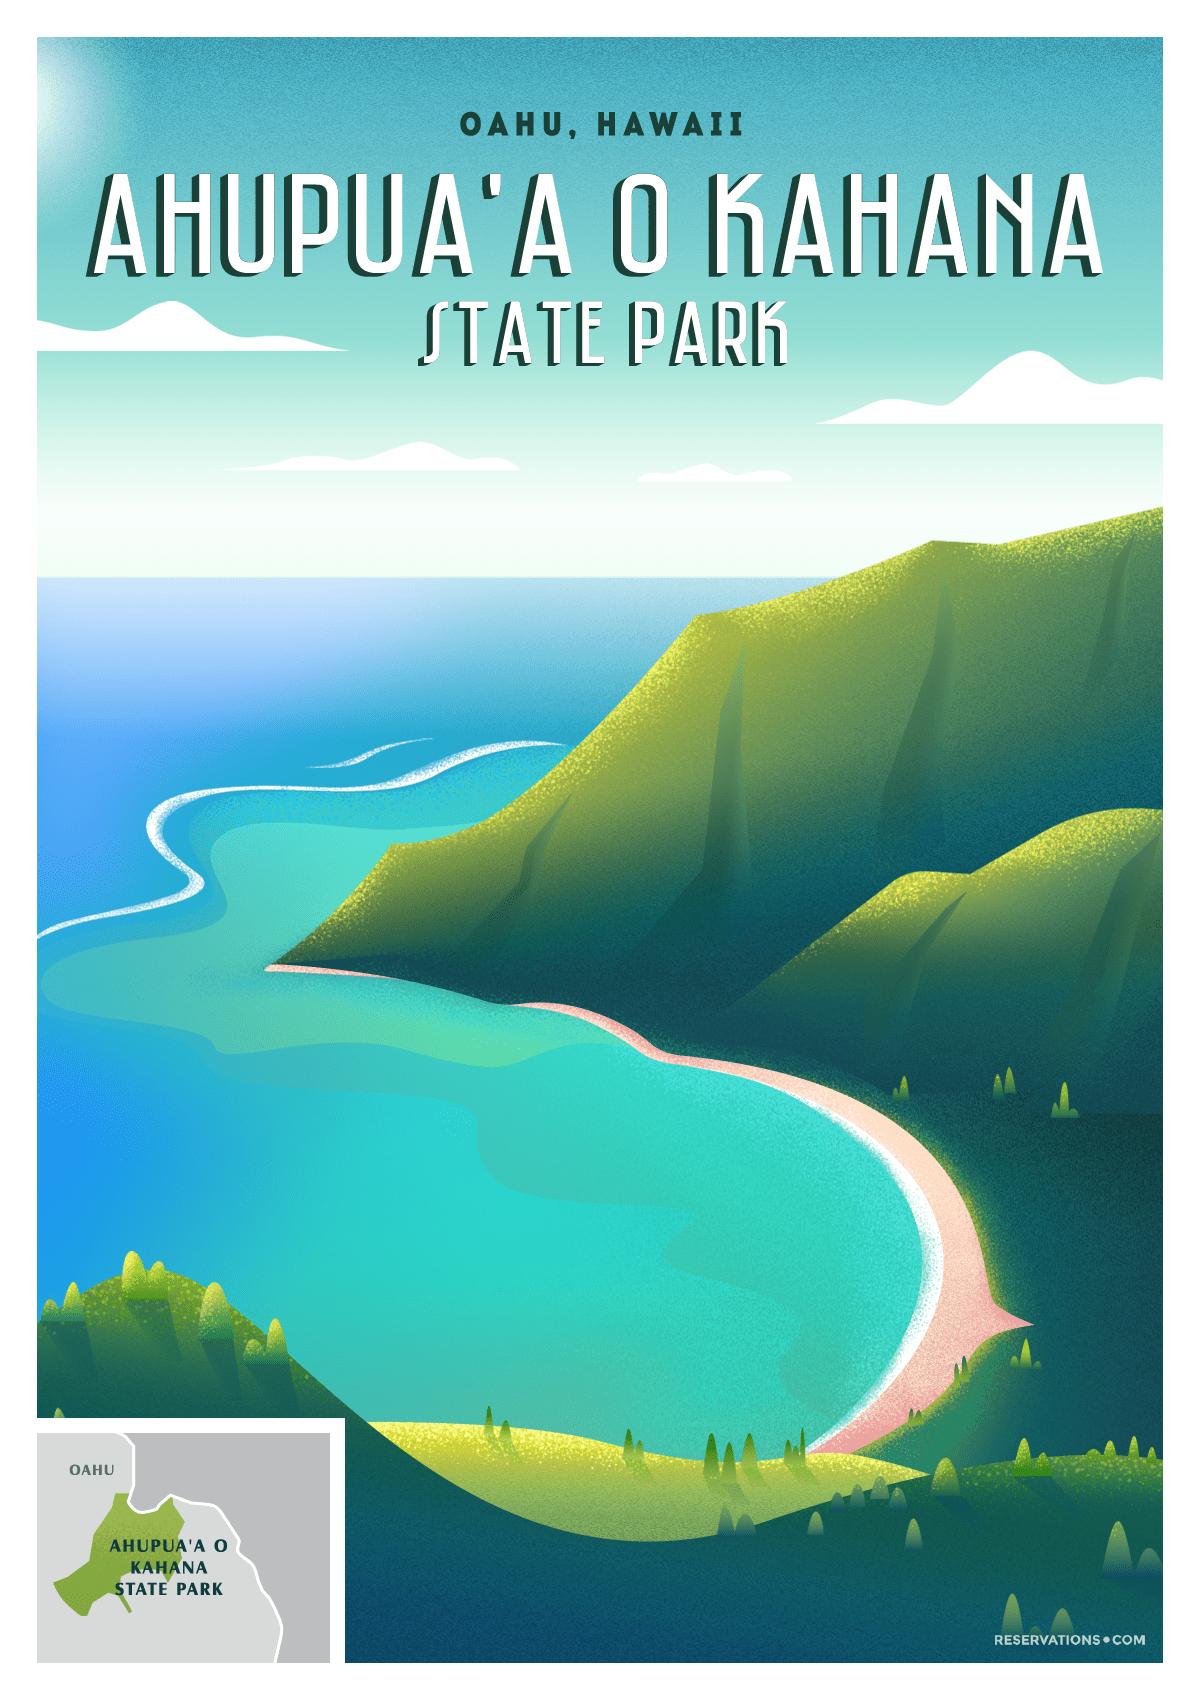 Ahupua'a O Kahana State Park Honolulu, Hawaii vintage poster